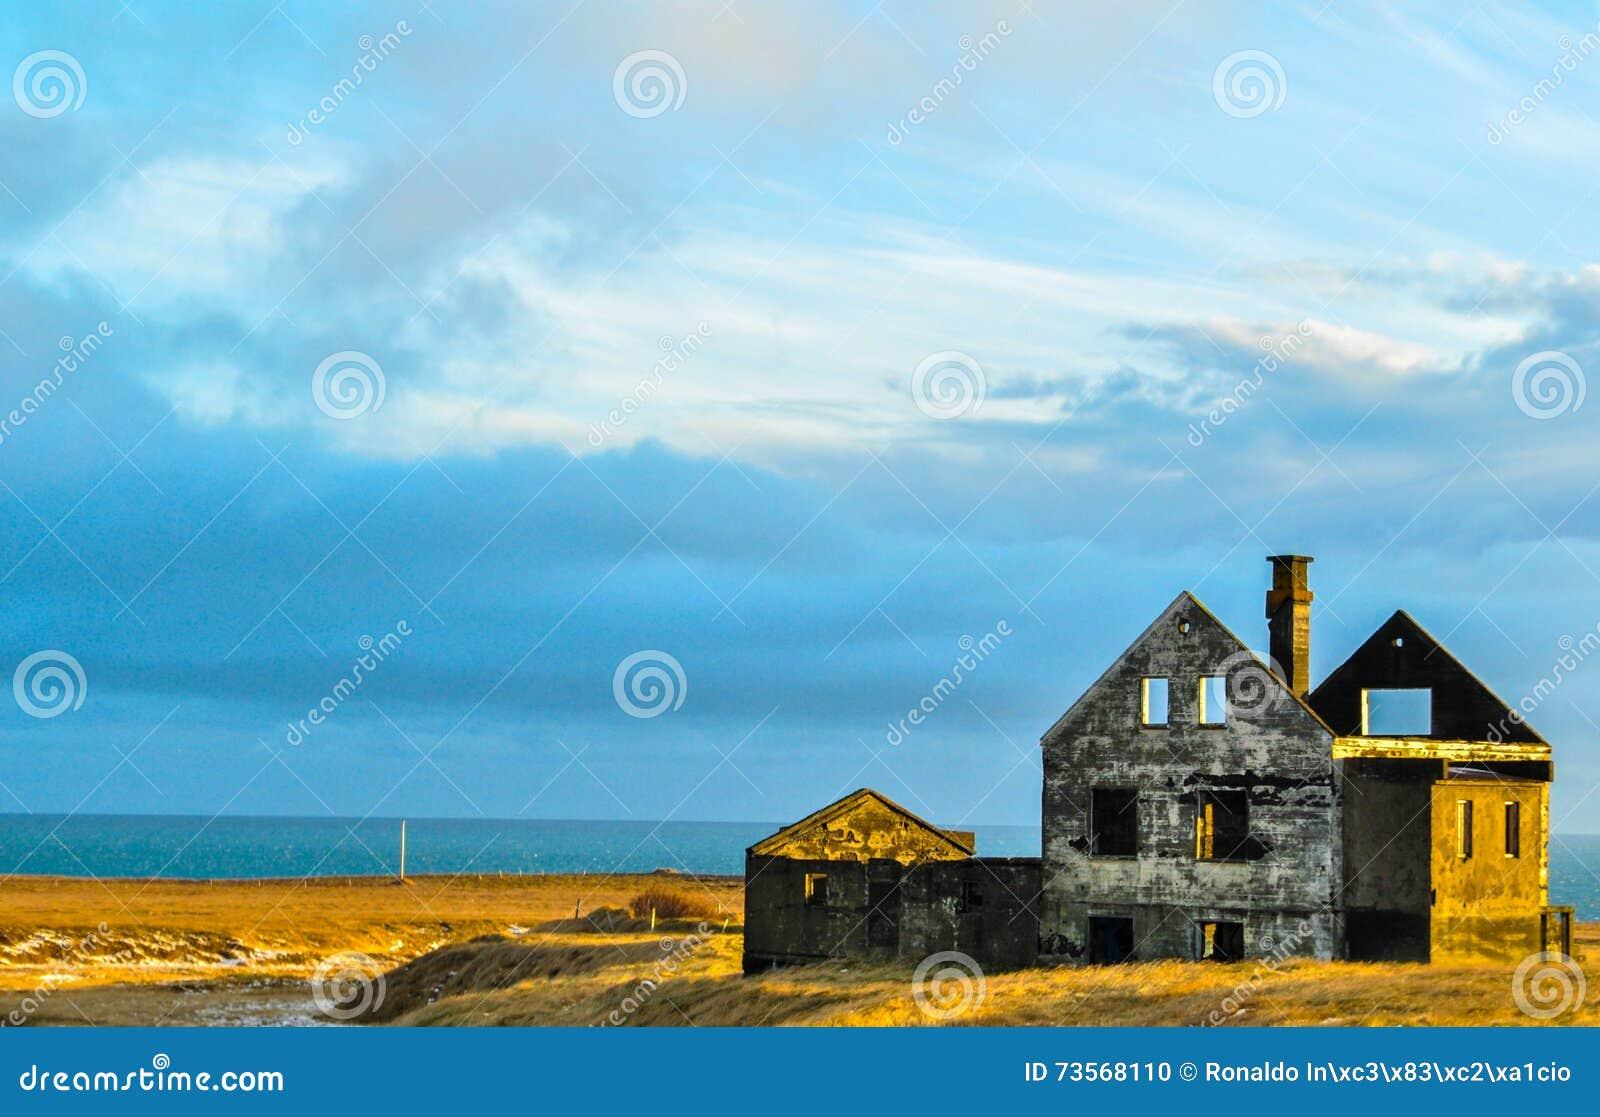 Ruiny dom na plaży w Iceland przy zmierzchem